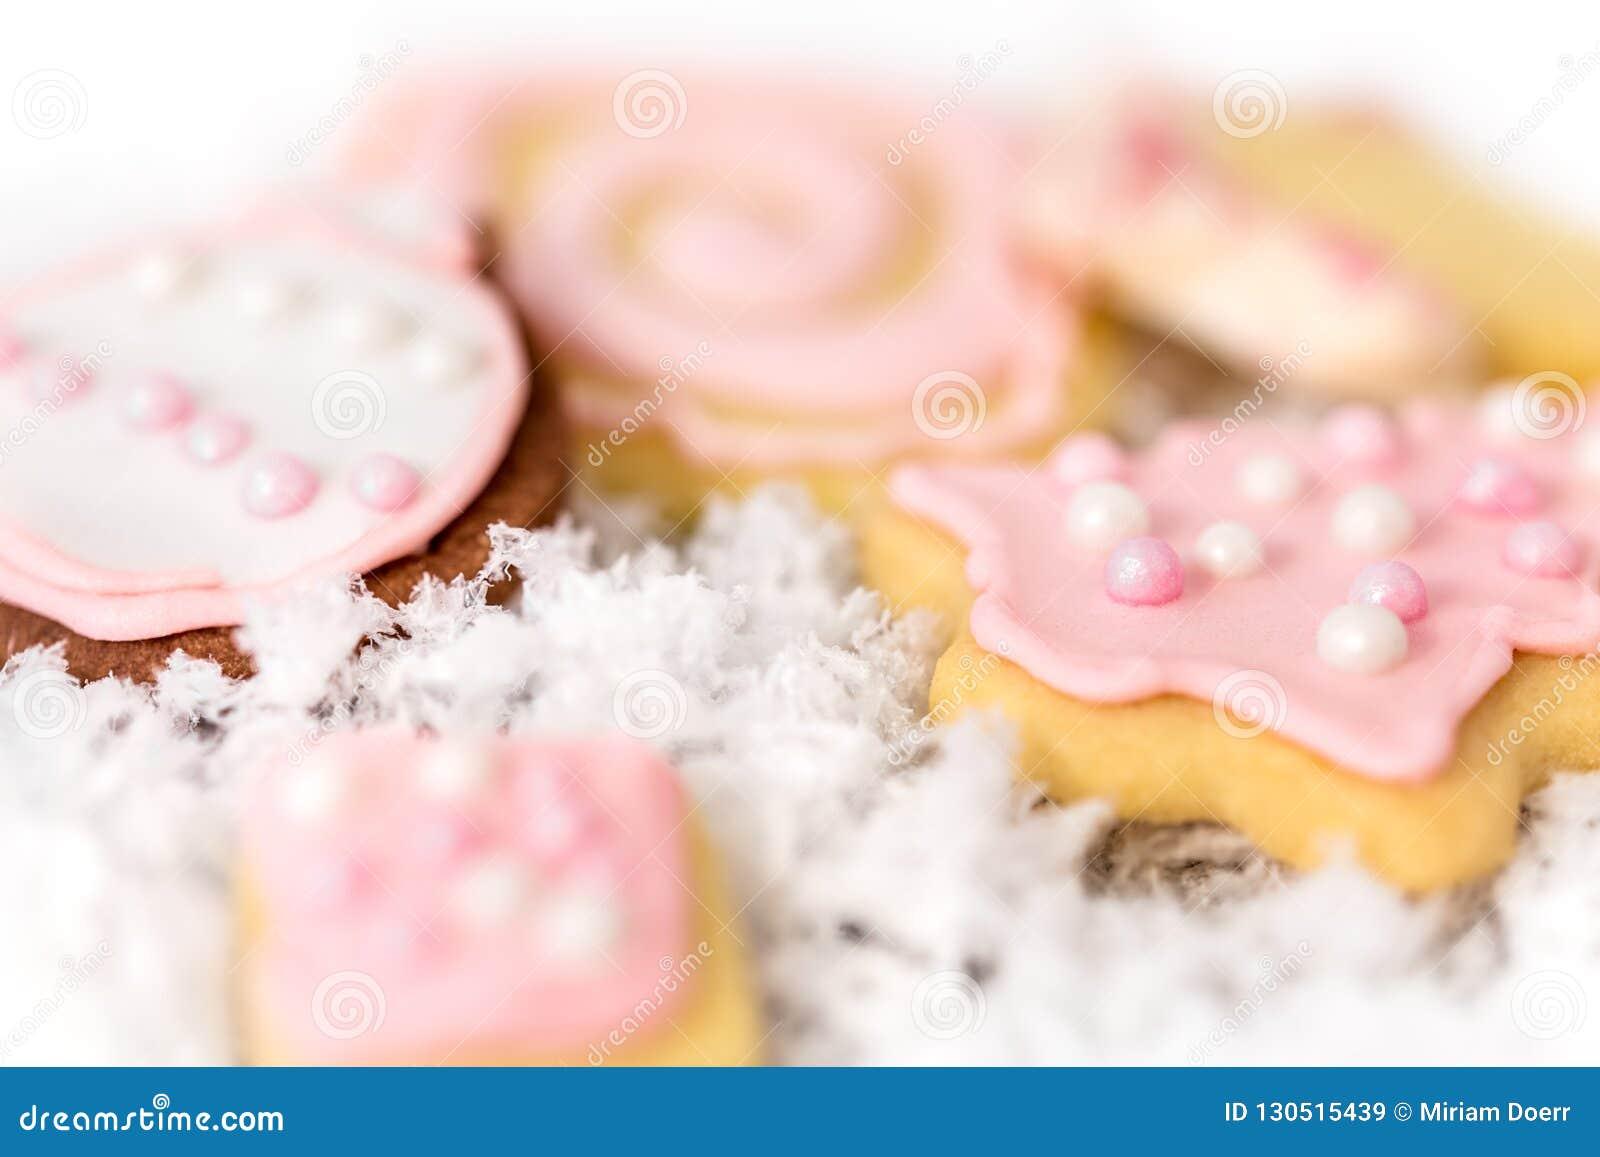 Rose Di Natale Dolci.Biscotti Rosa Dolci Di Natale Con Fondo Homemad Di Concetto